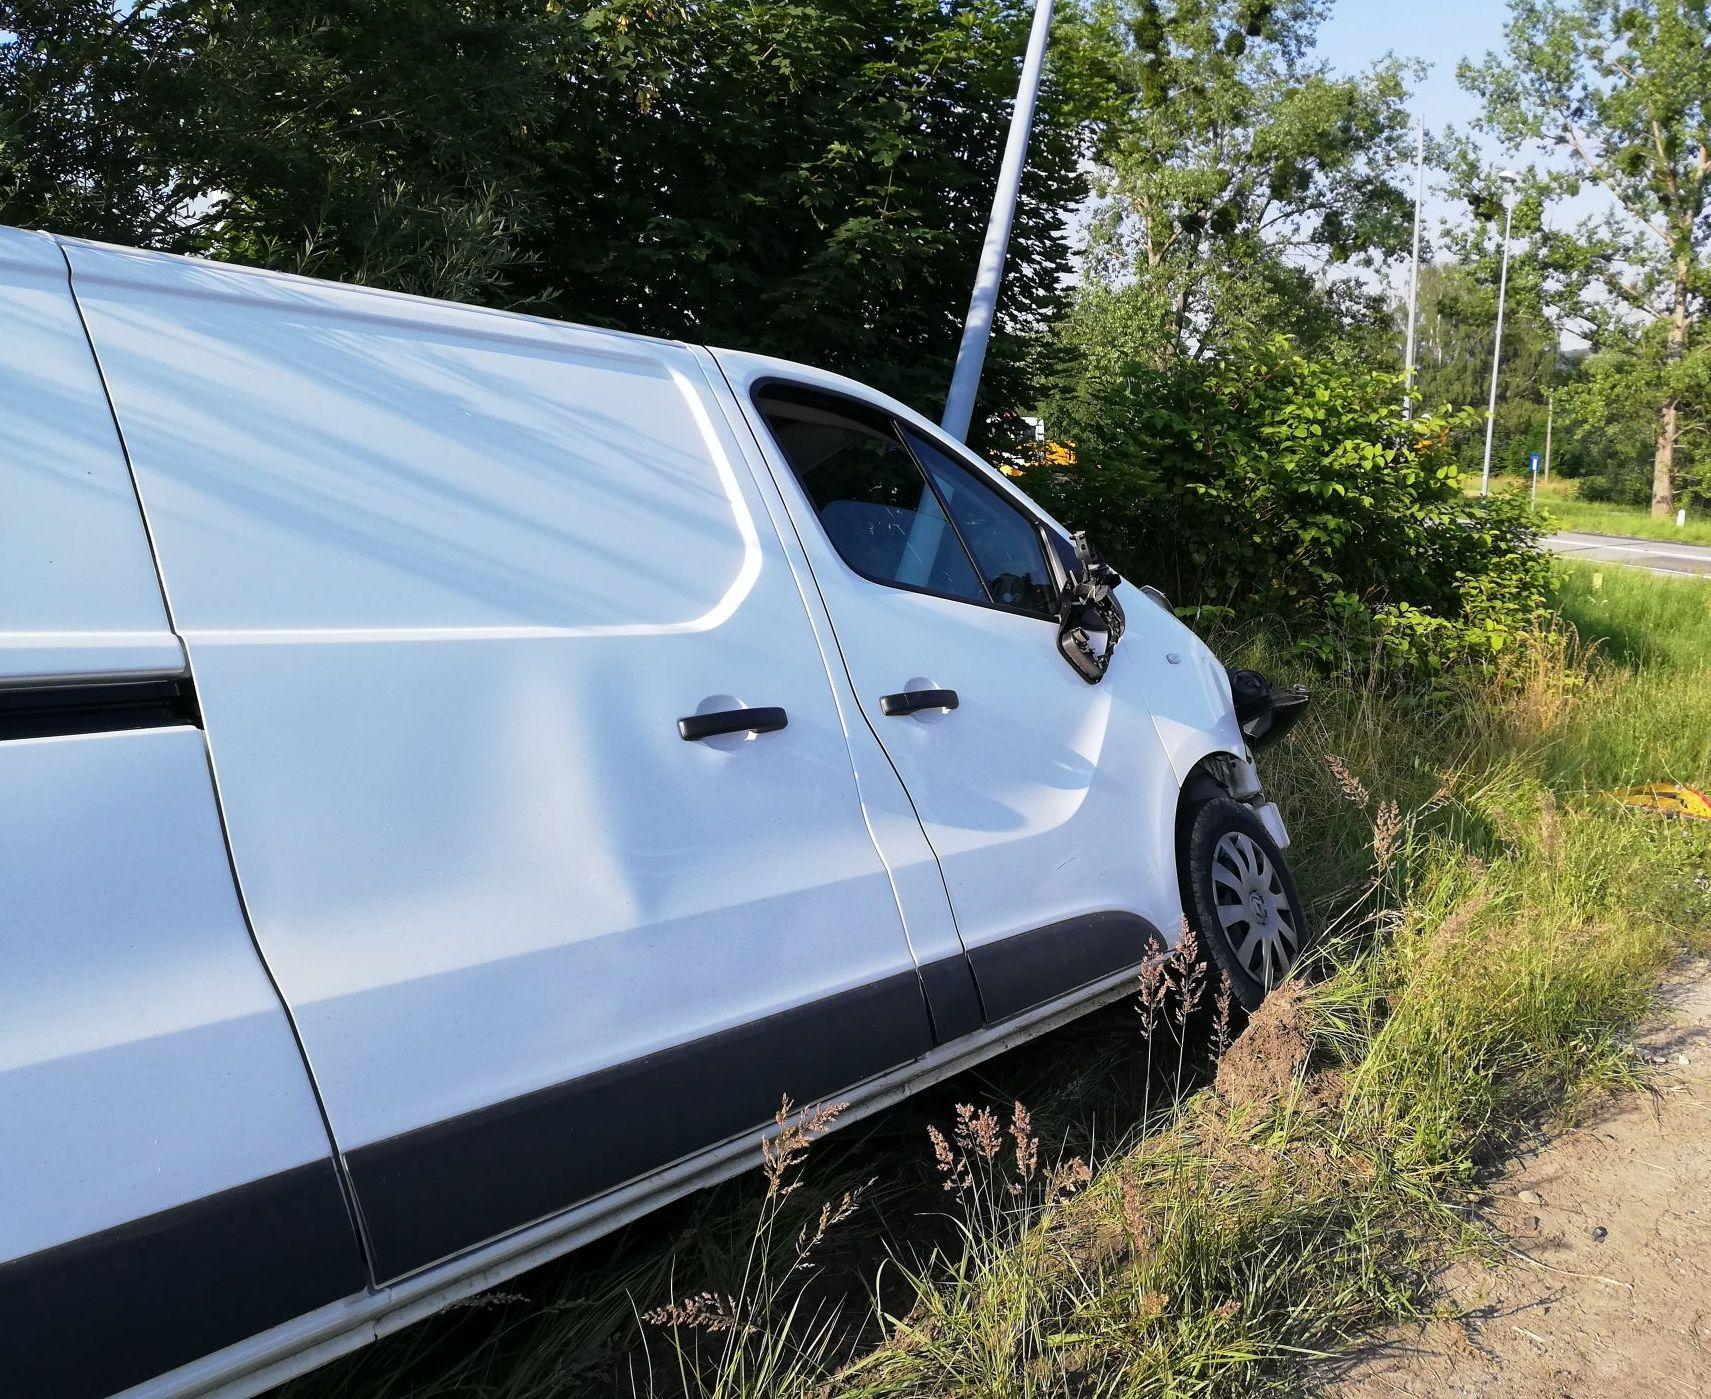 Samochód uderzył w słup